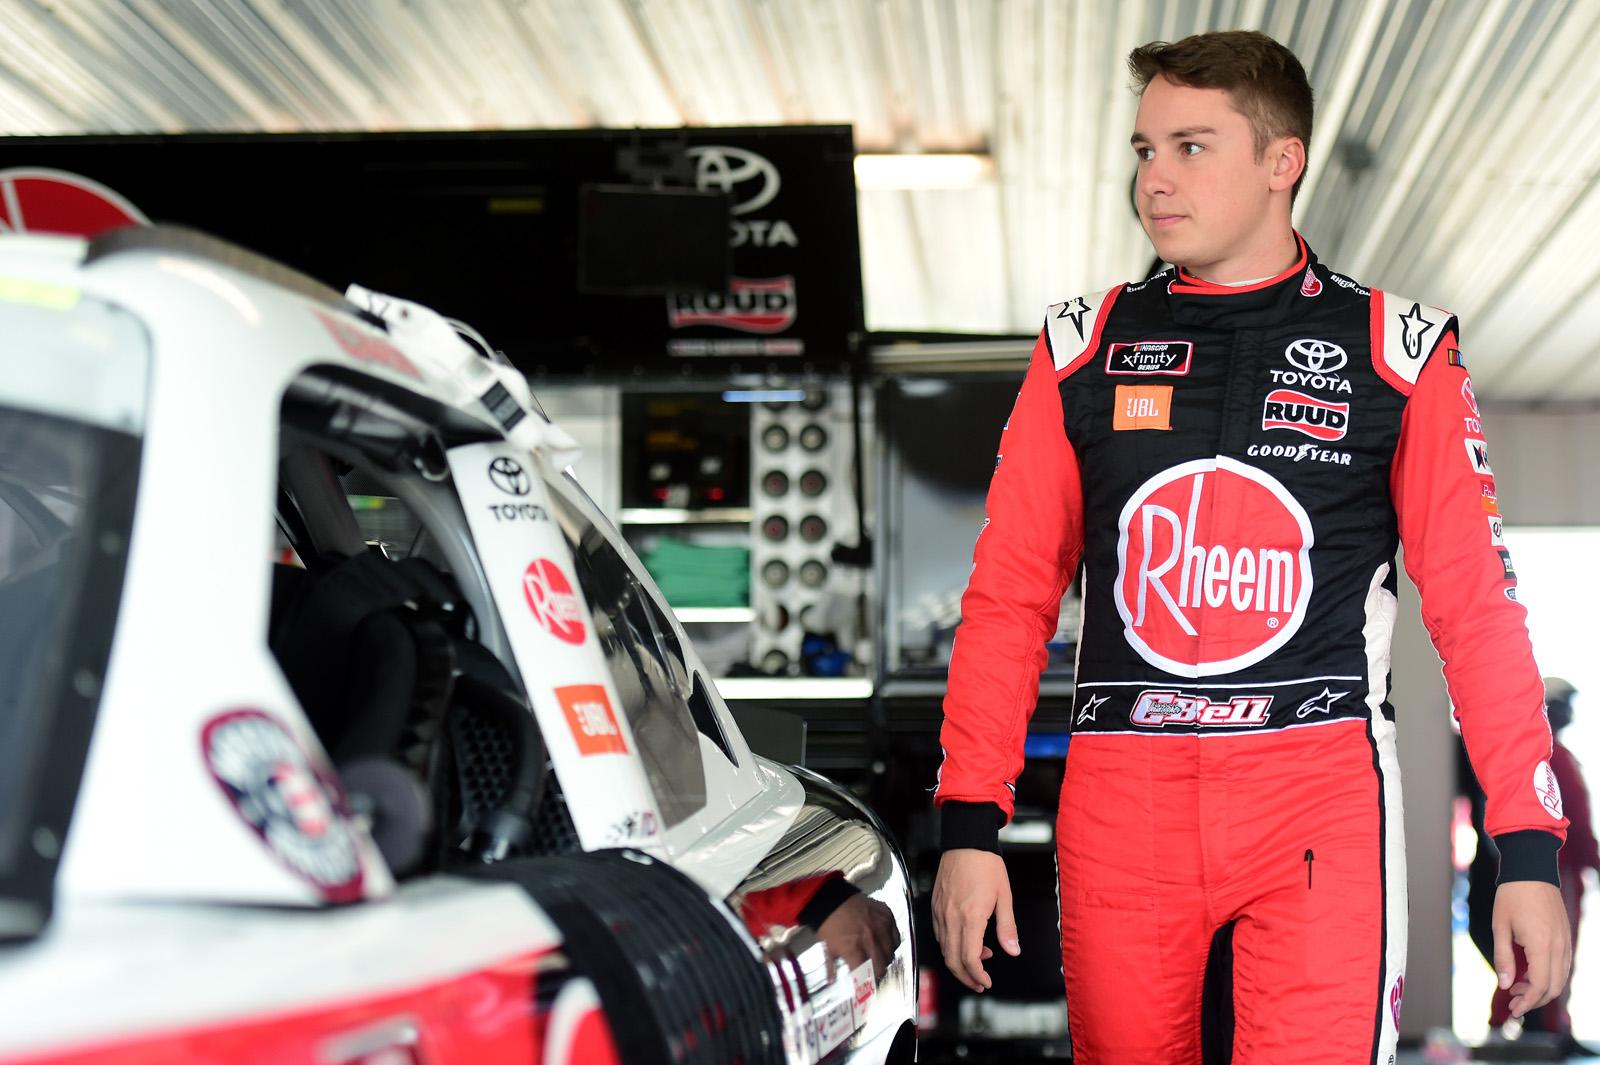 NASCAR Xfinity Series Pocono Green 250 – Day 1 Practice